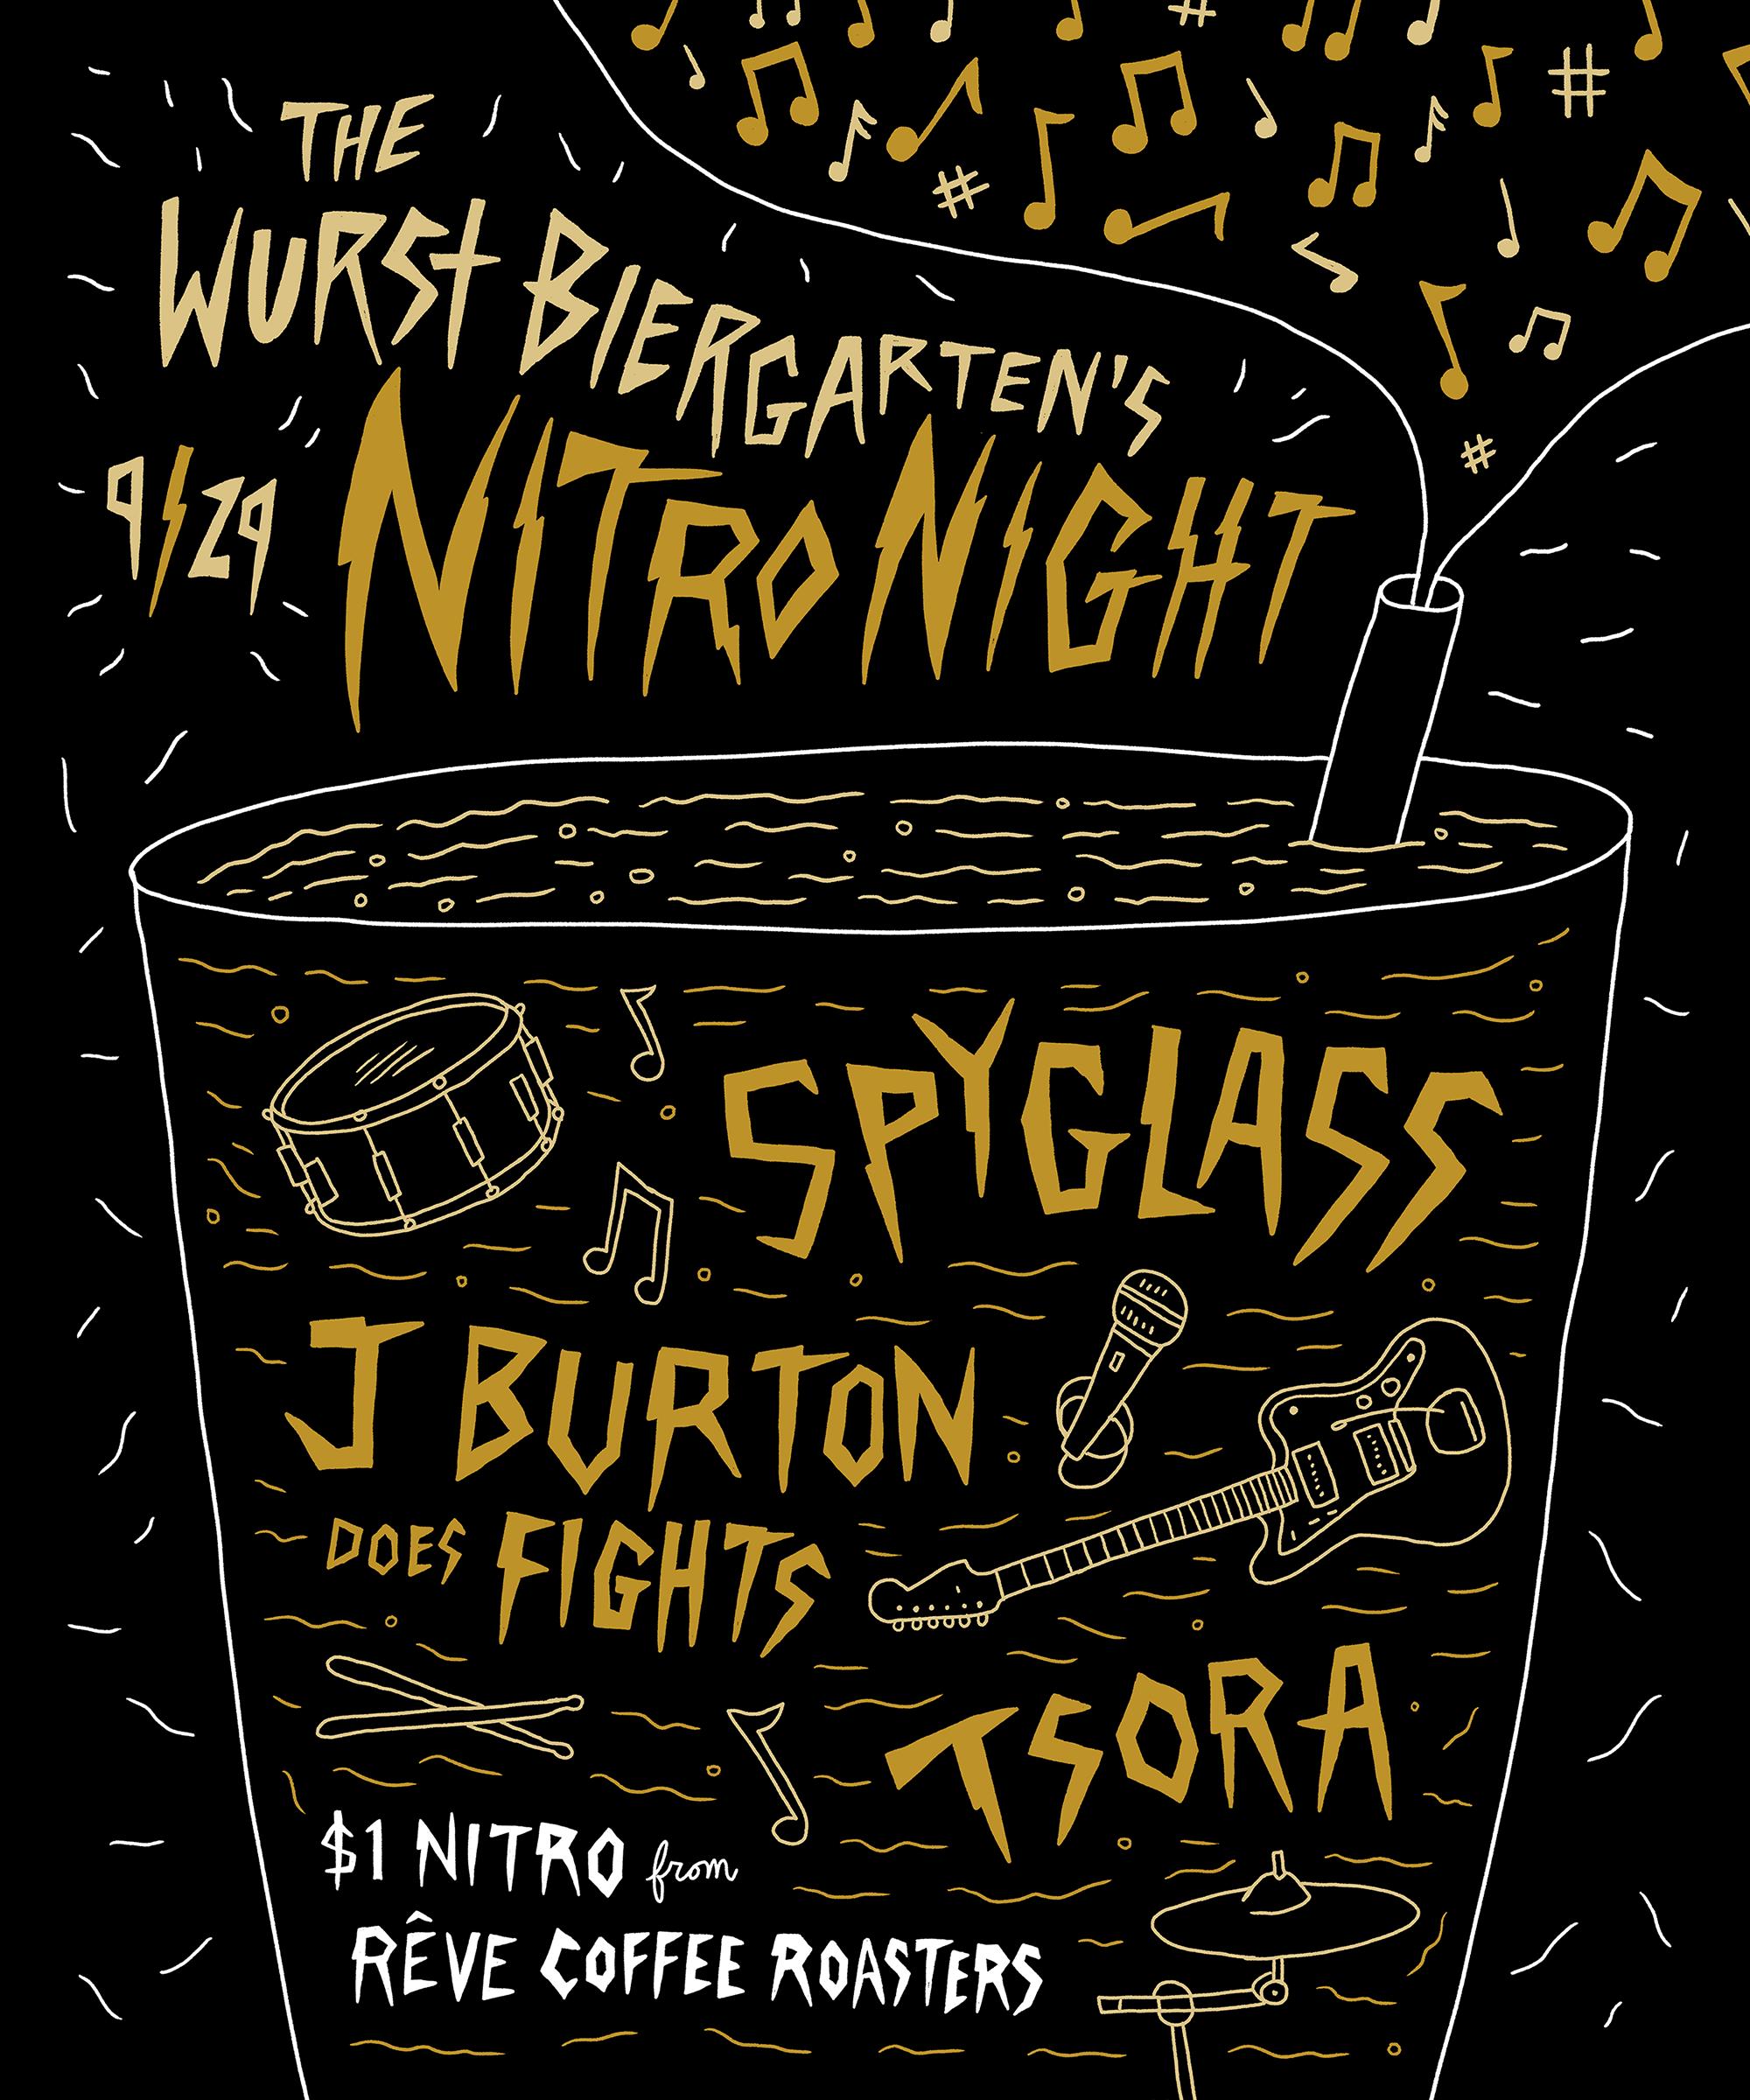 Nitro Night